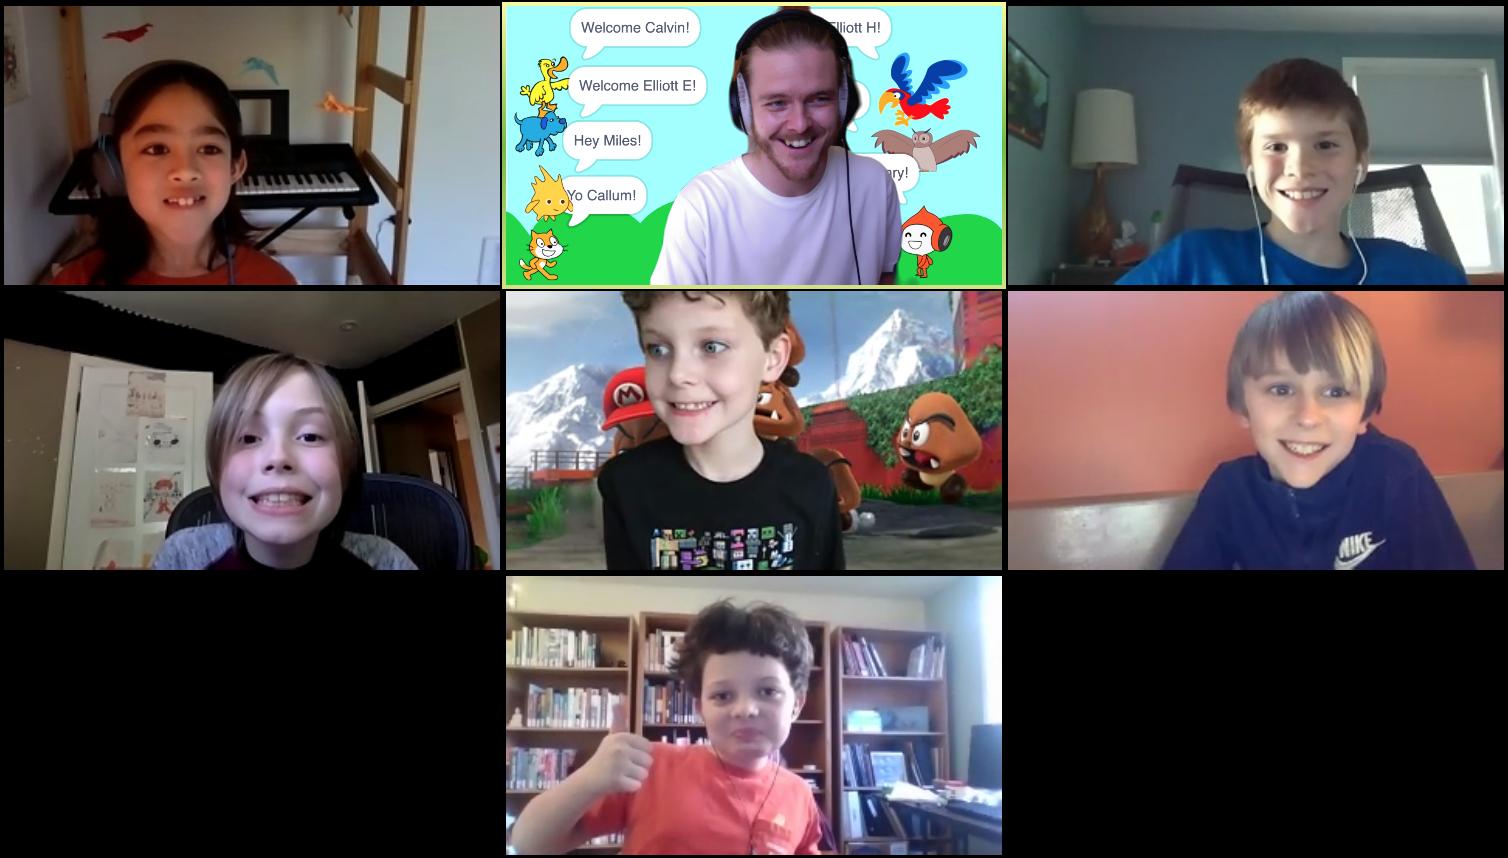 Kids make friends in Creative Coding club.